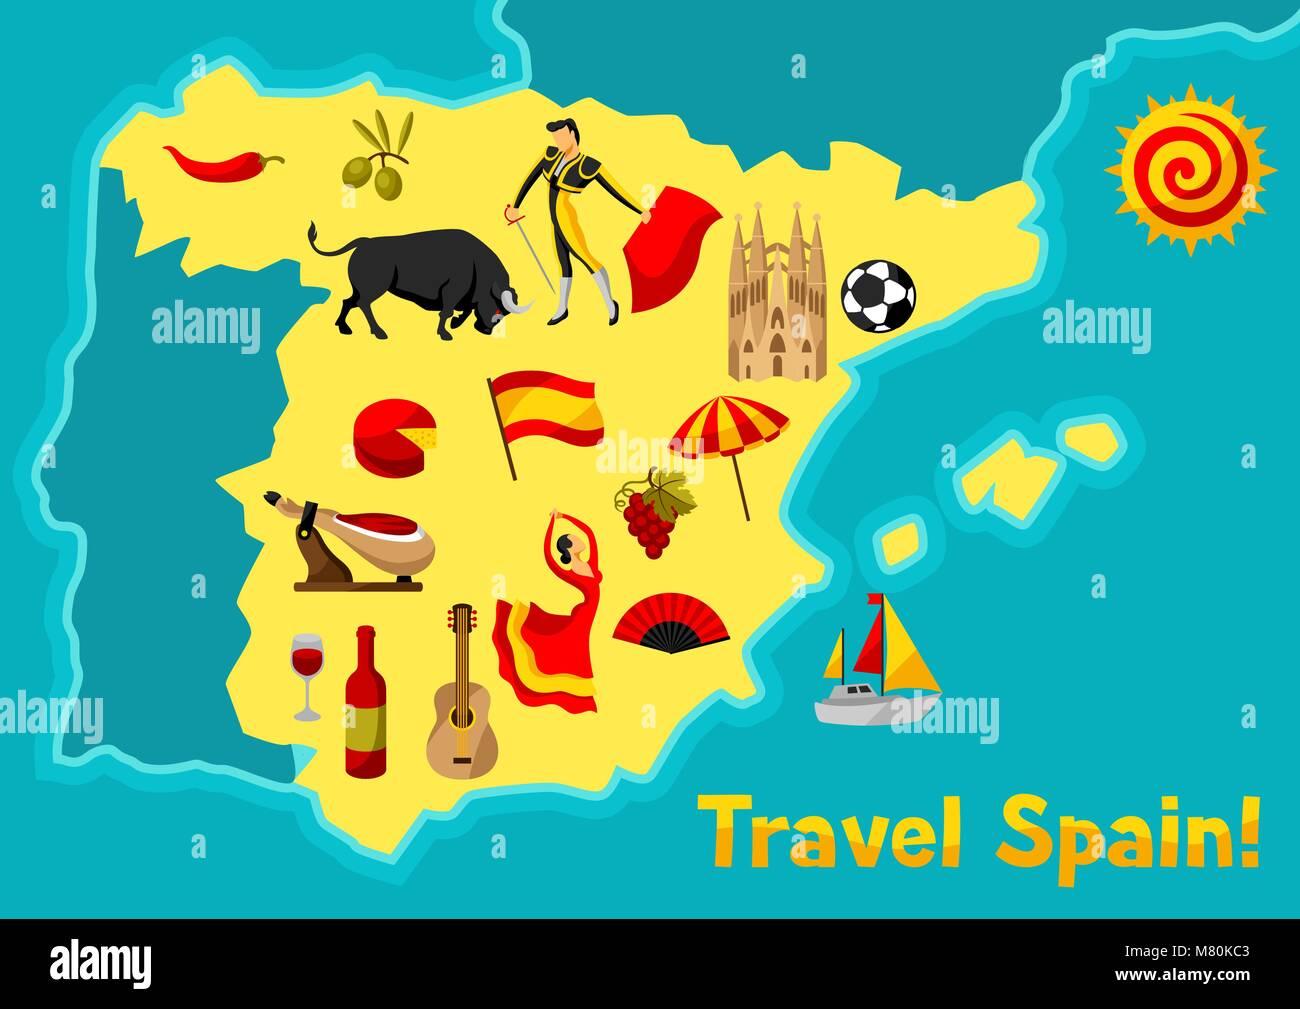 Cartina Turistica Spagna.Mappa Di Spagna Design Dello Sfondo Lo Spagnolo Simboli Tradizionali E Oggetti Immagine E Vettoriale Alamy